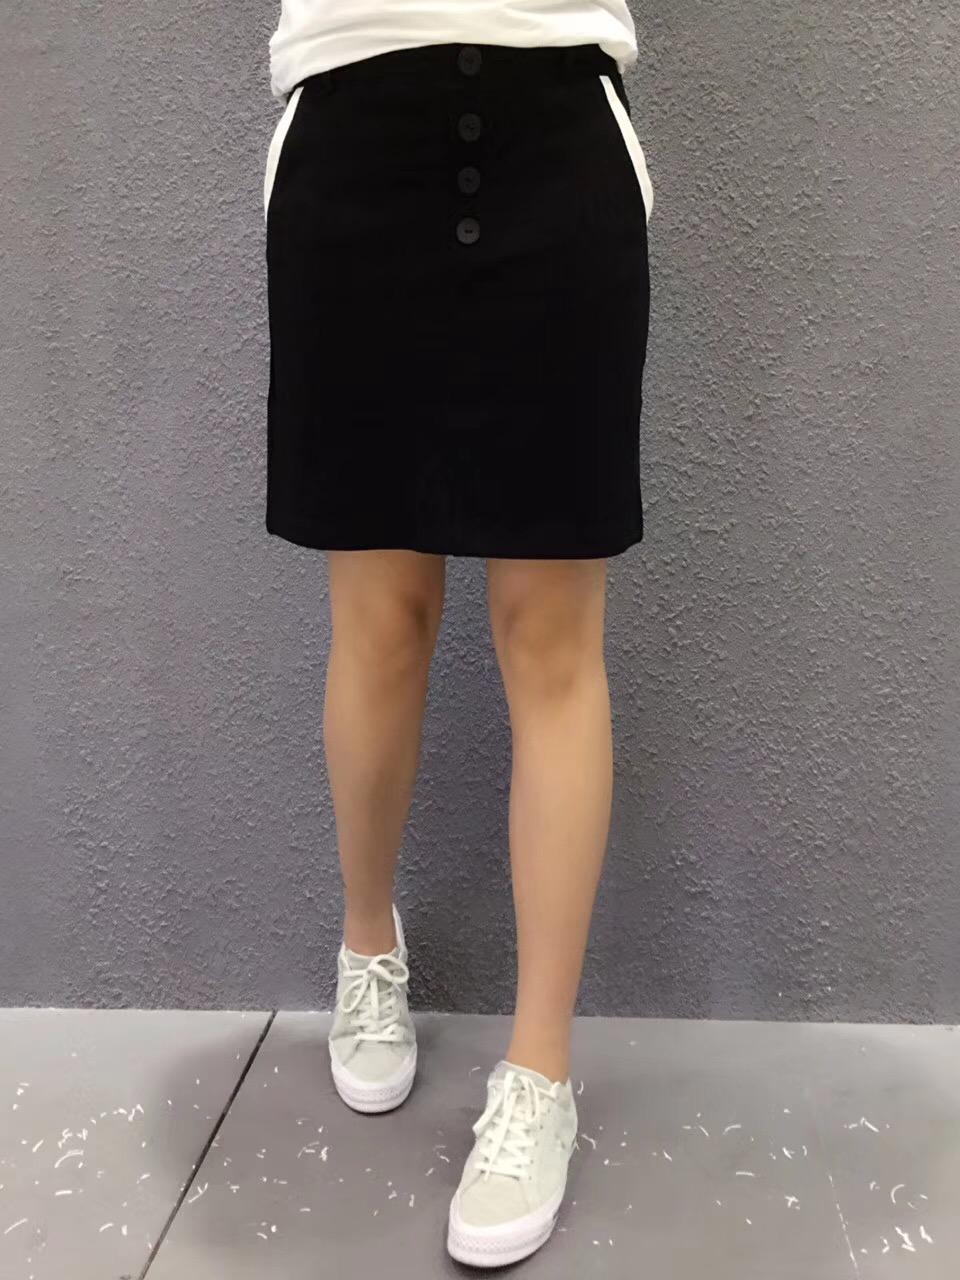 EF kênh 2018 thời trang gió nhẹ nhàng kích thước lớn của phụ nữ mùa hè Hàn Quốc giản dị Một từ váy hoang dã váy mỏng váy thủy triều